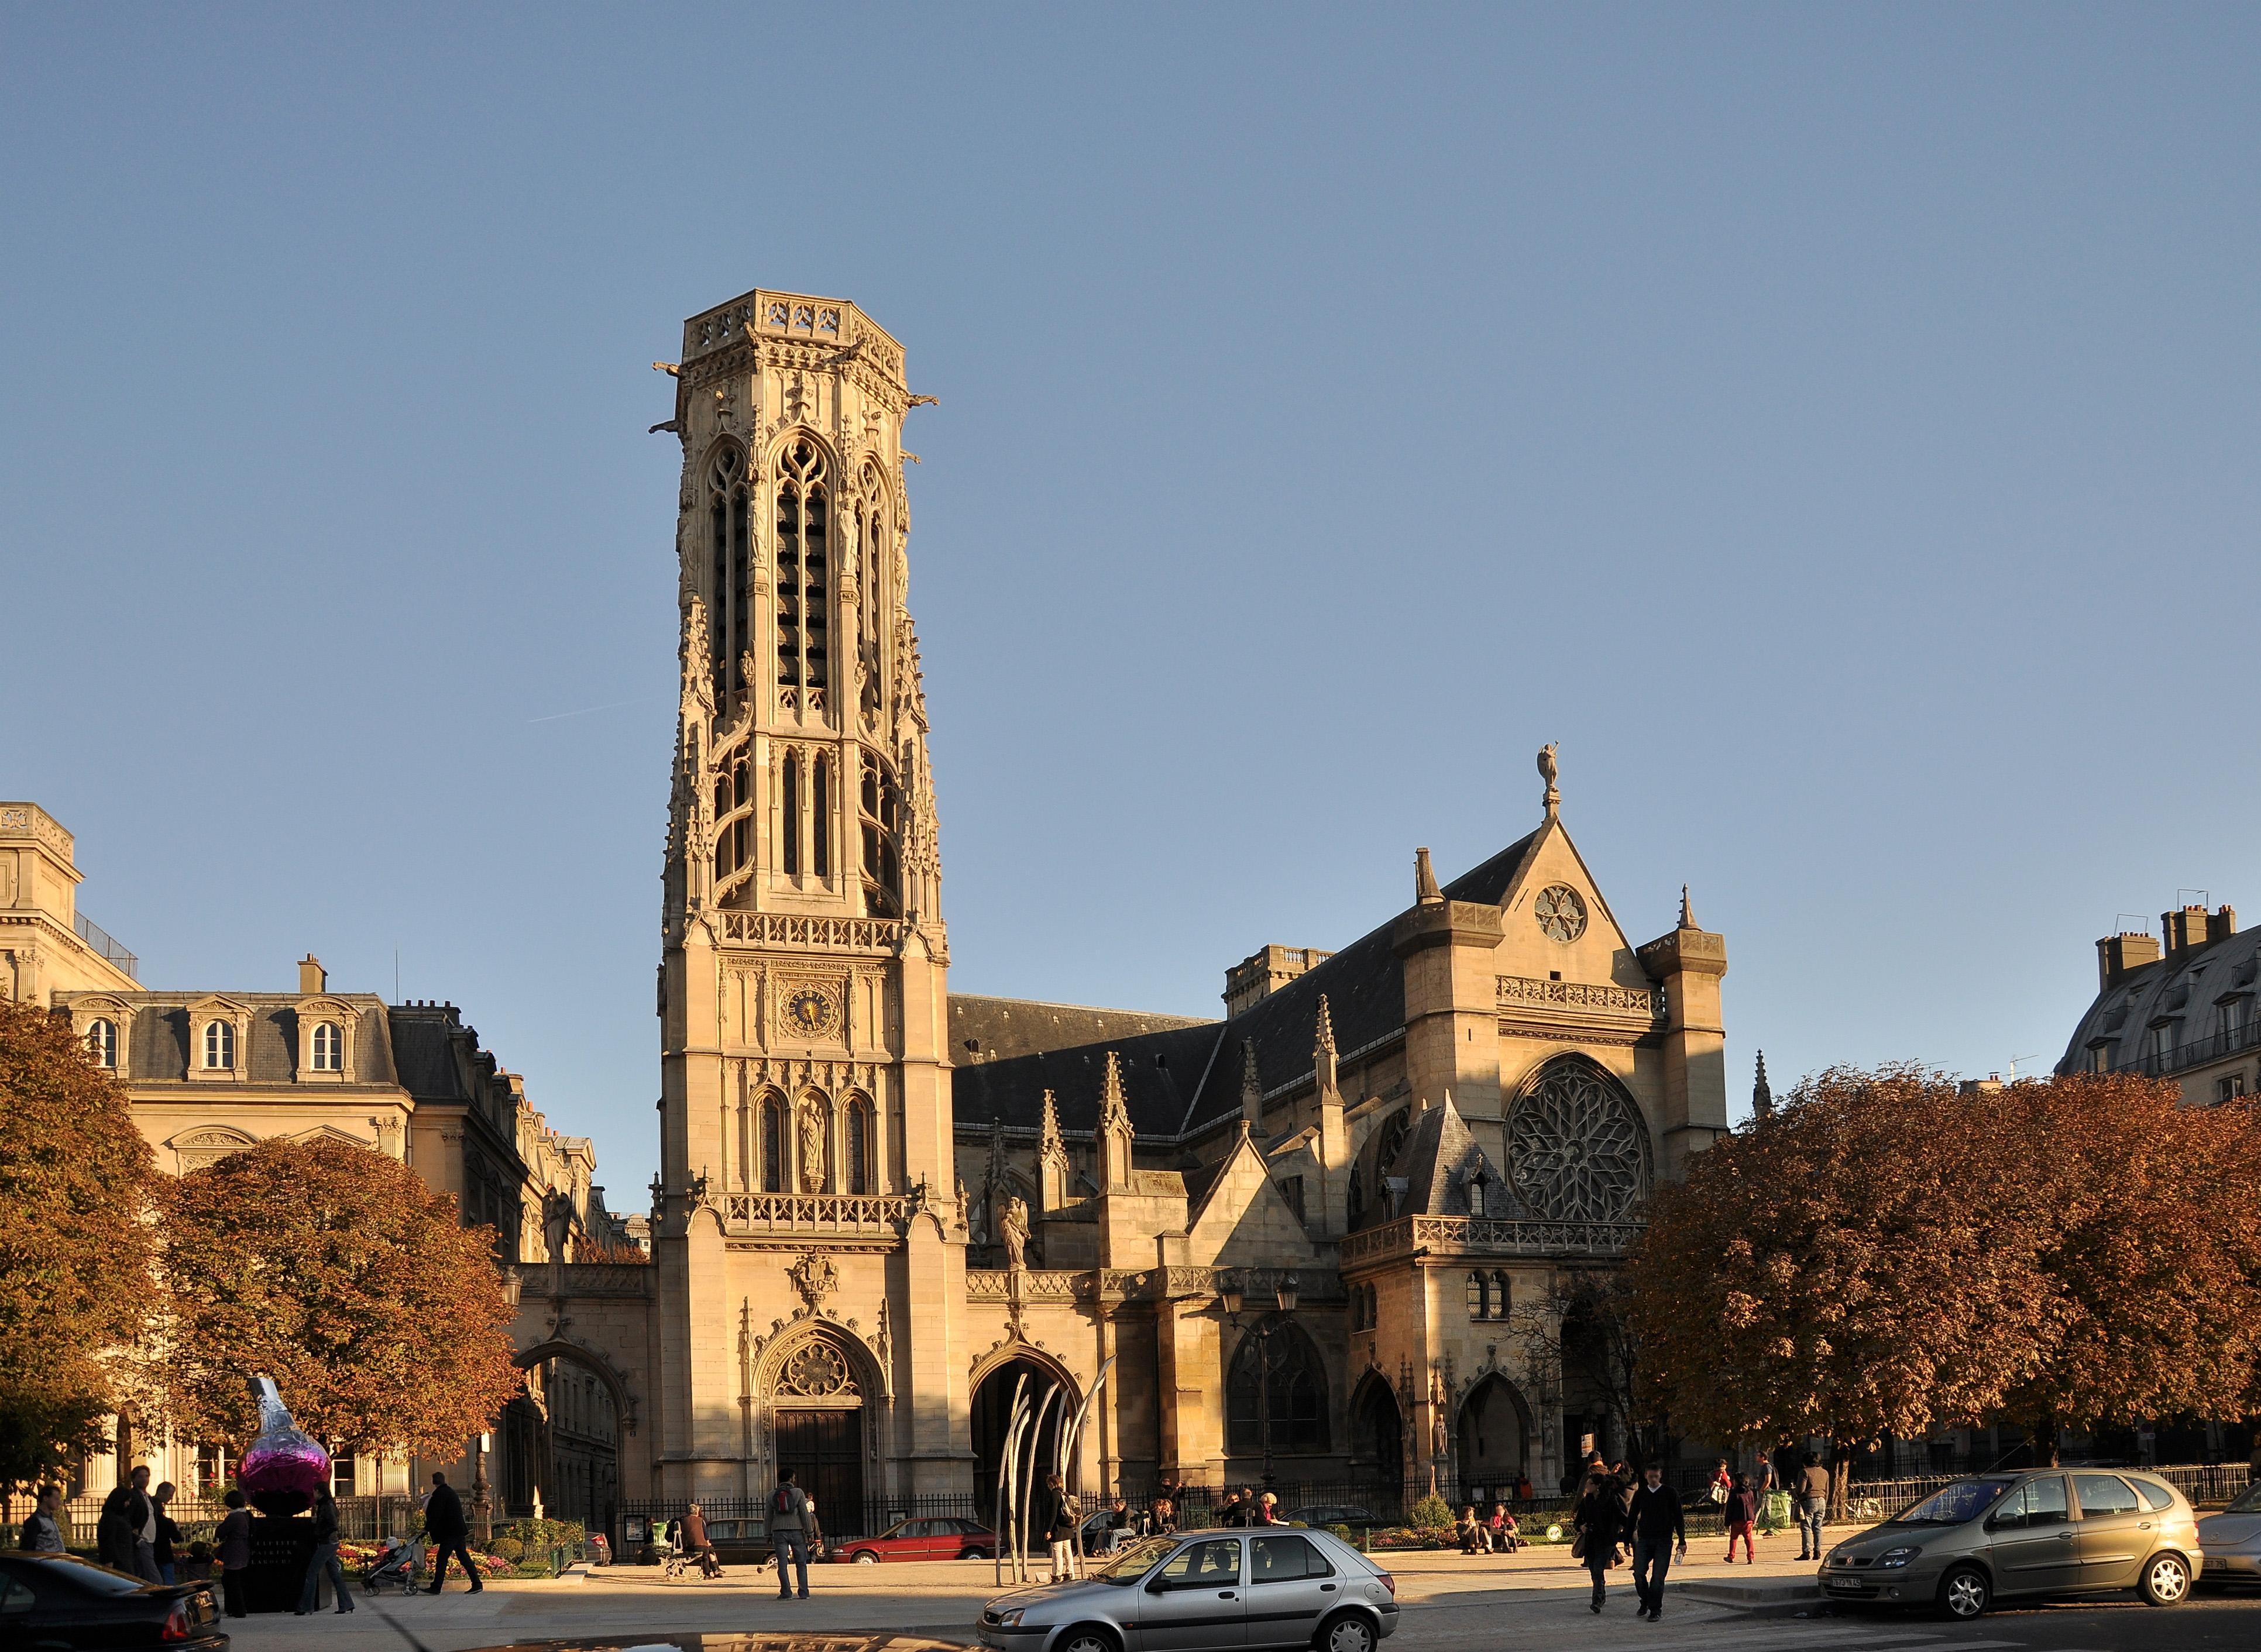 the Église Saint-Germain l'Auxerrois